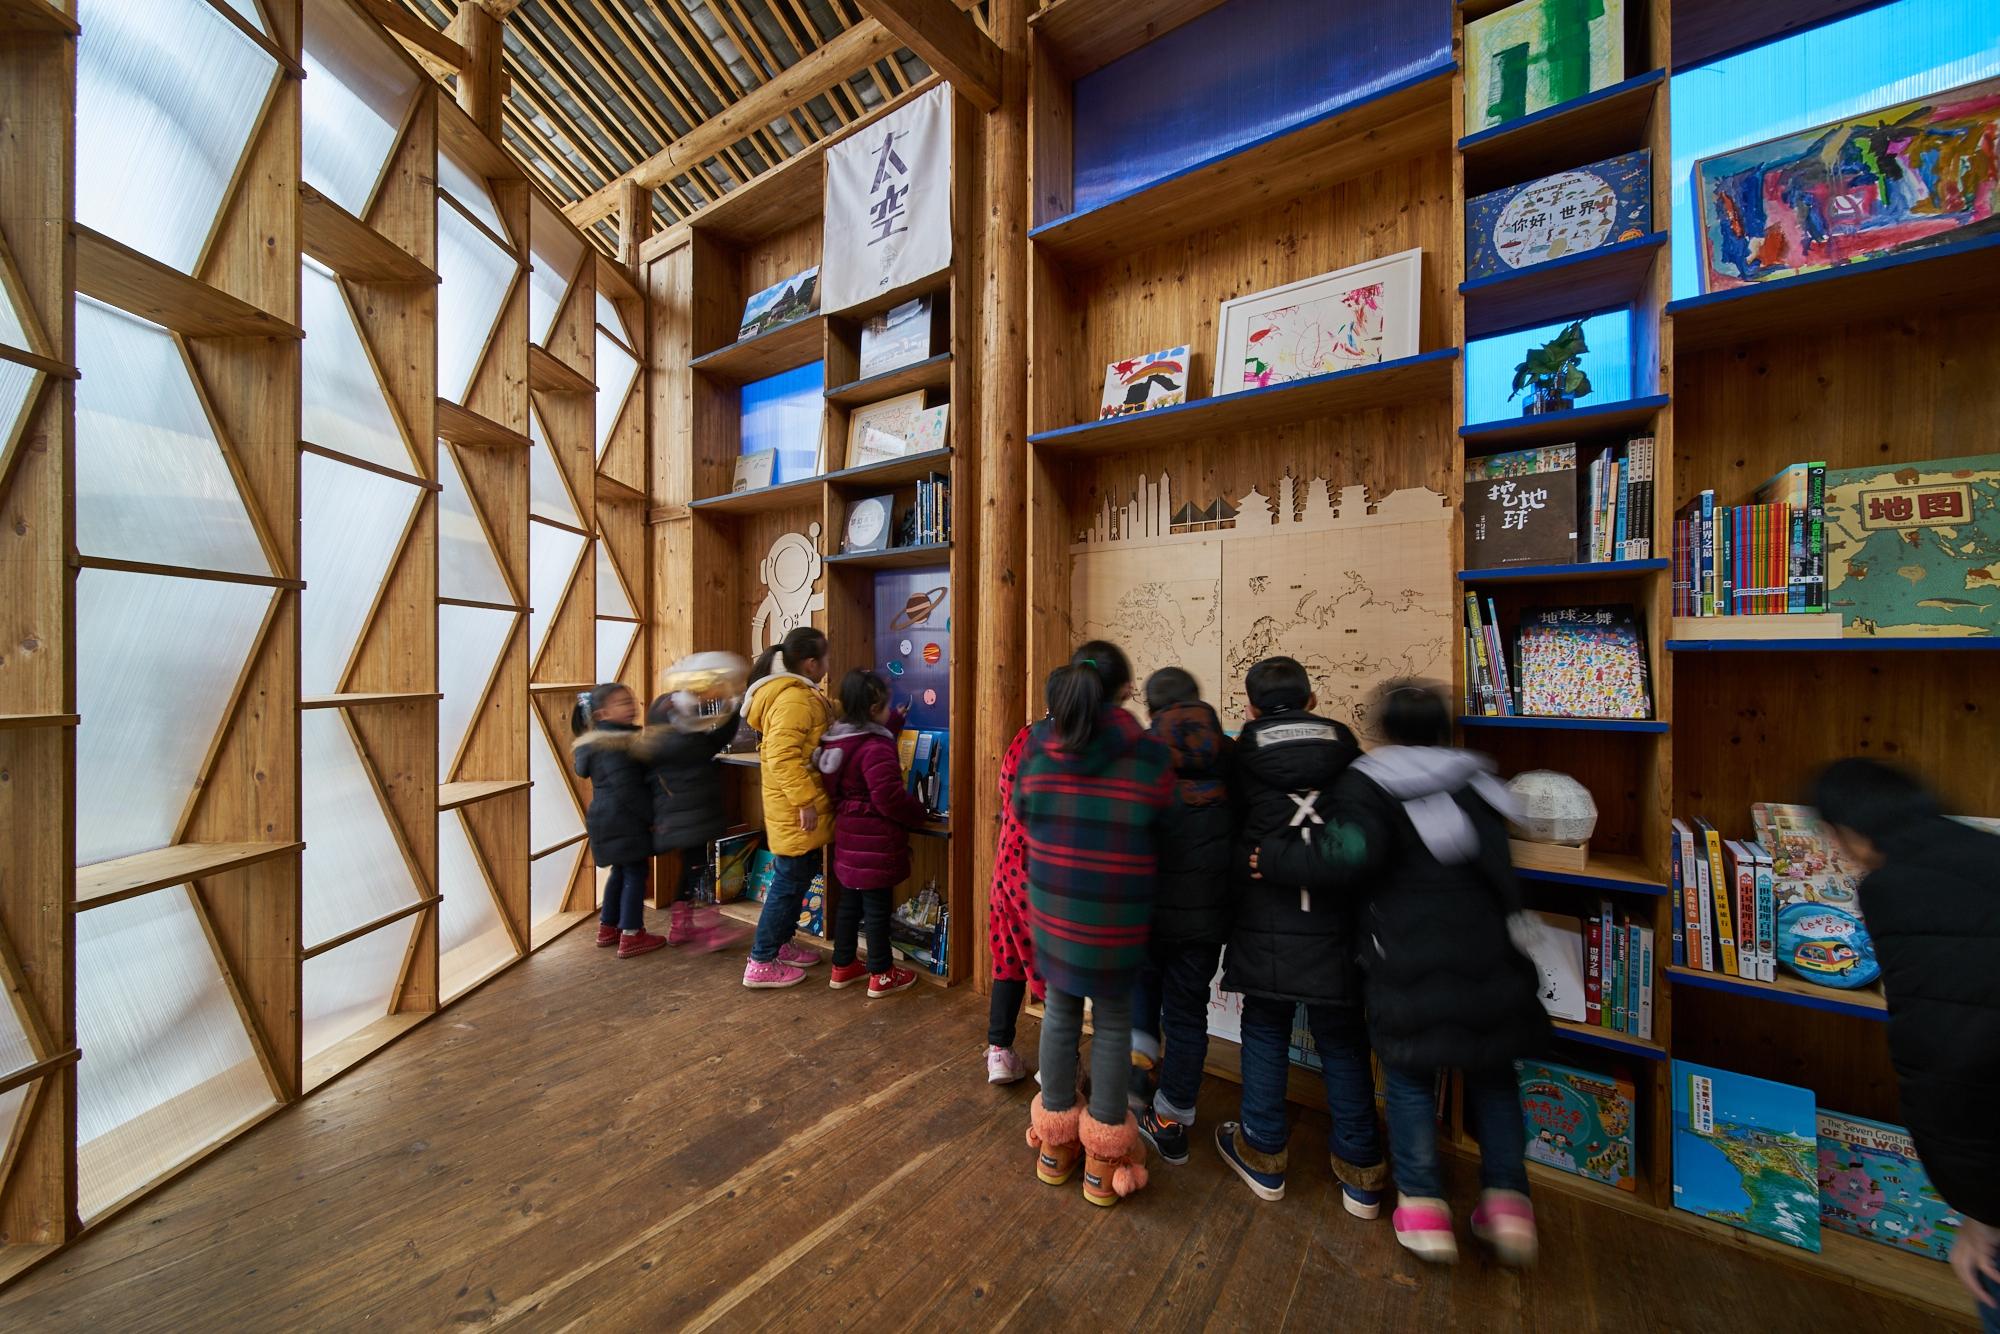 書屋外牆由書架和半透明膠板組成。